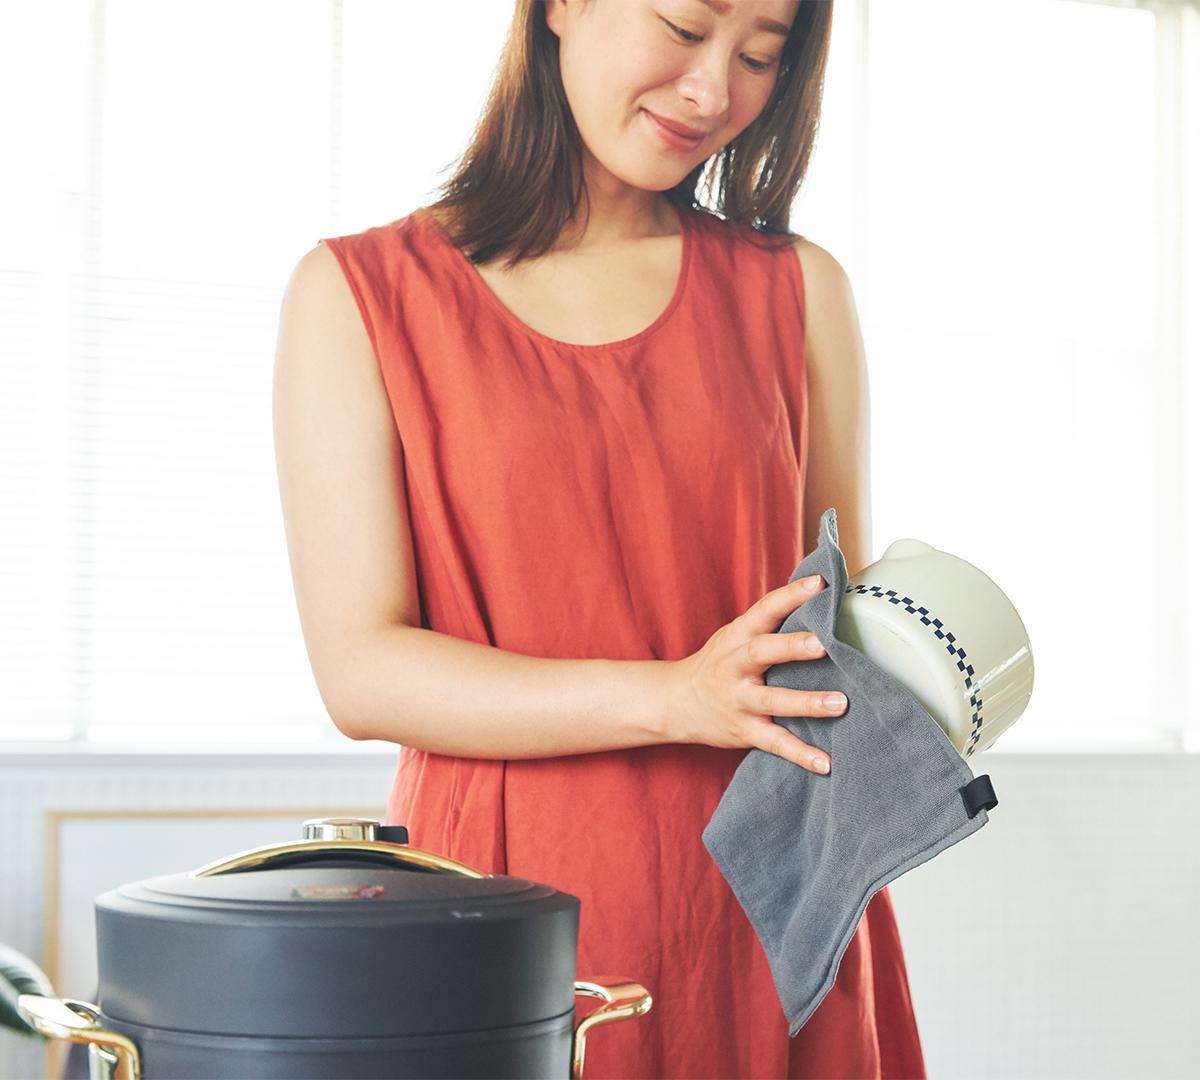 洗って干しておけば、朝にはカラリ。キッチンワイプ(台所ふきん)|酸化チタンと銀の作用で、生乾き臭・汗臭の菌を除去する「タオル」|WARP